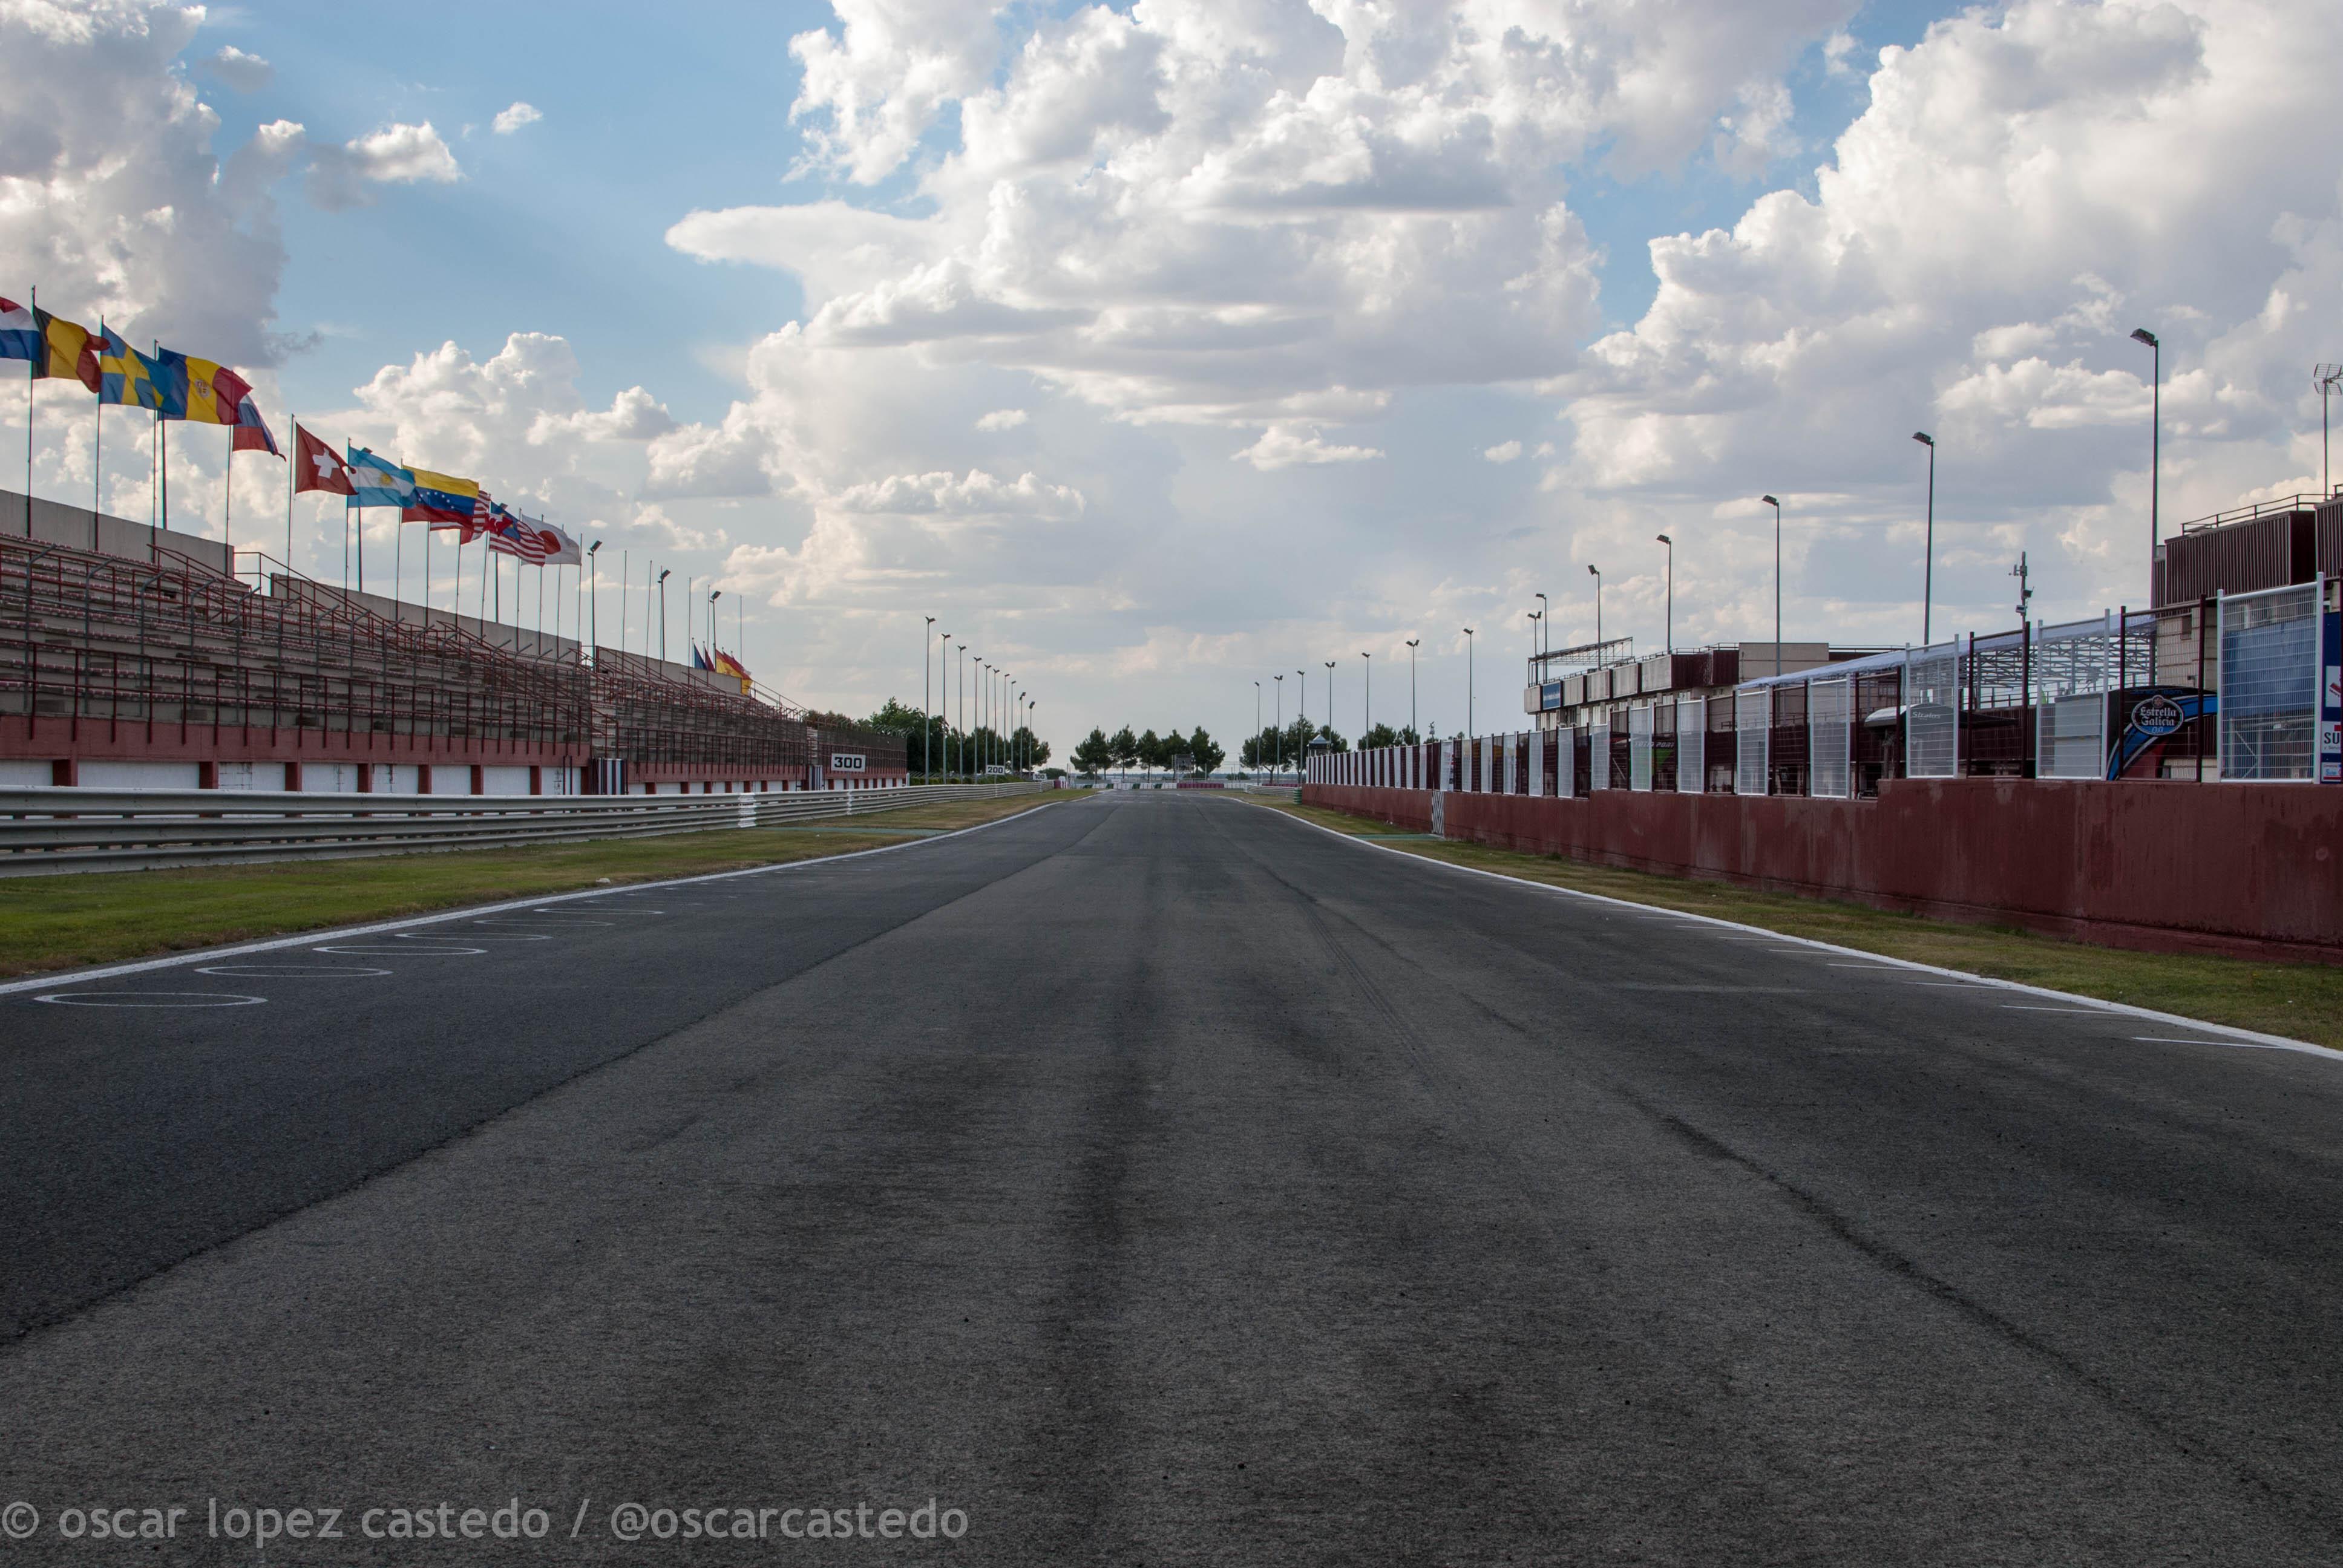 Circuito Albacete : Albacete mil rincones que tienes descubrir veinte